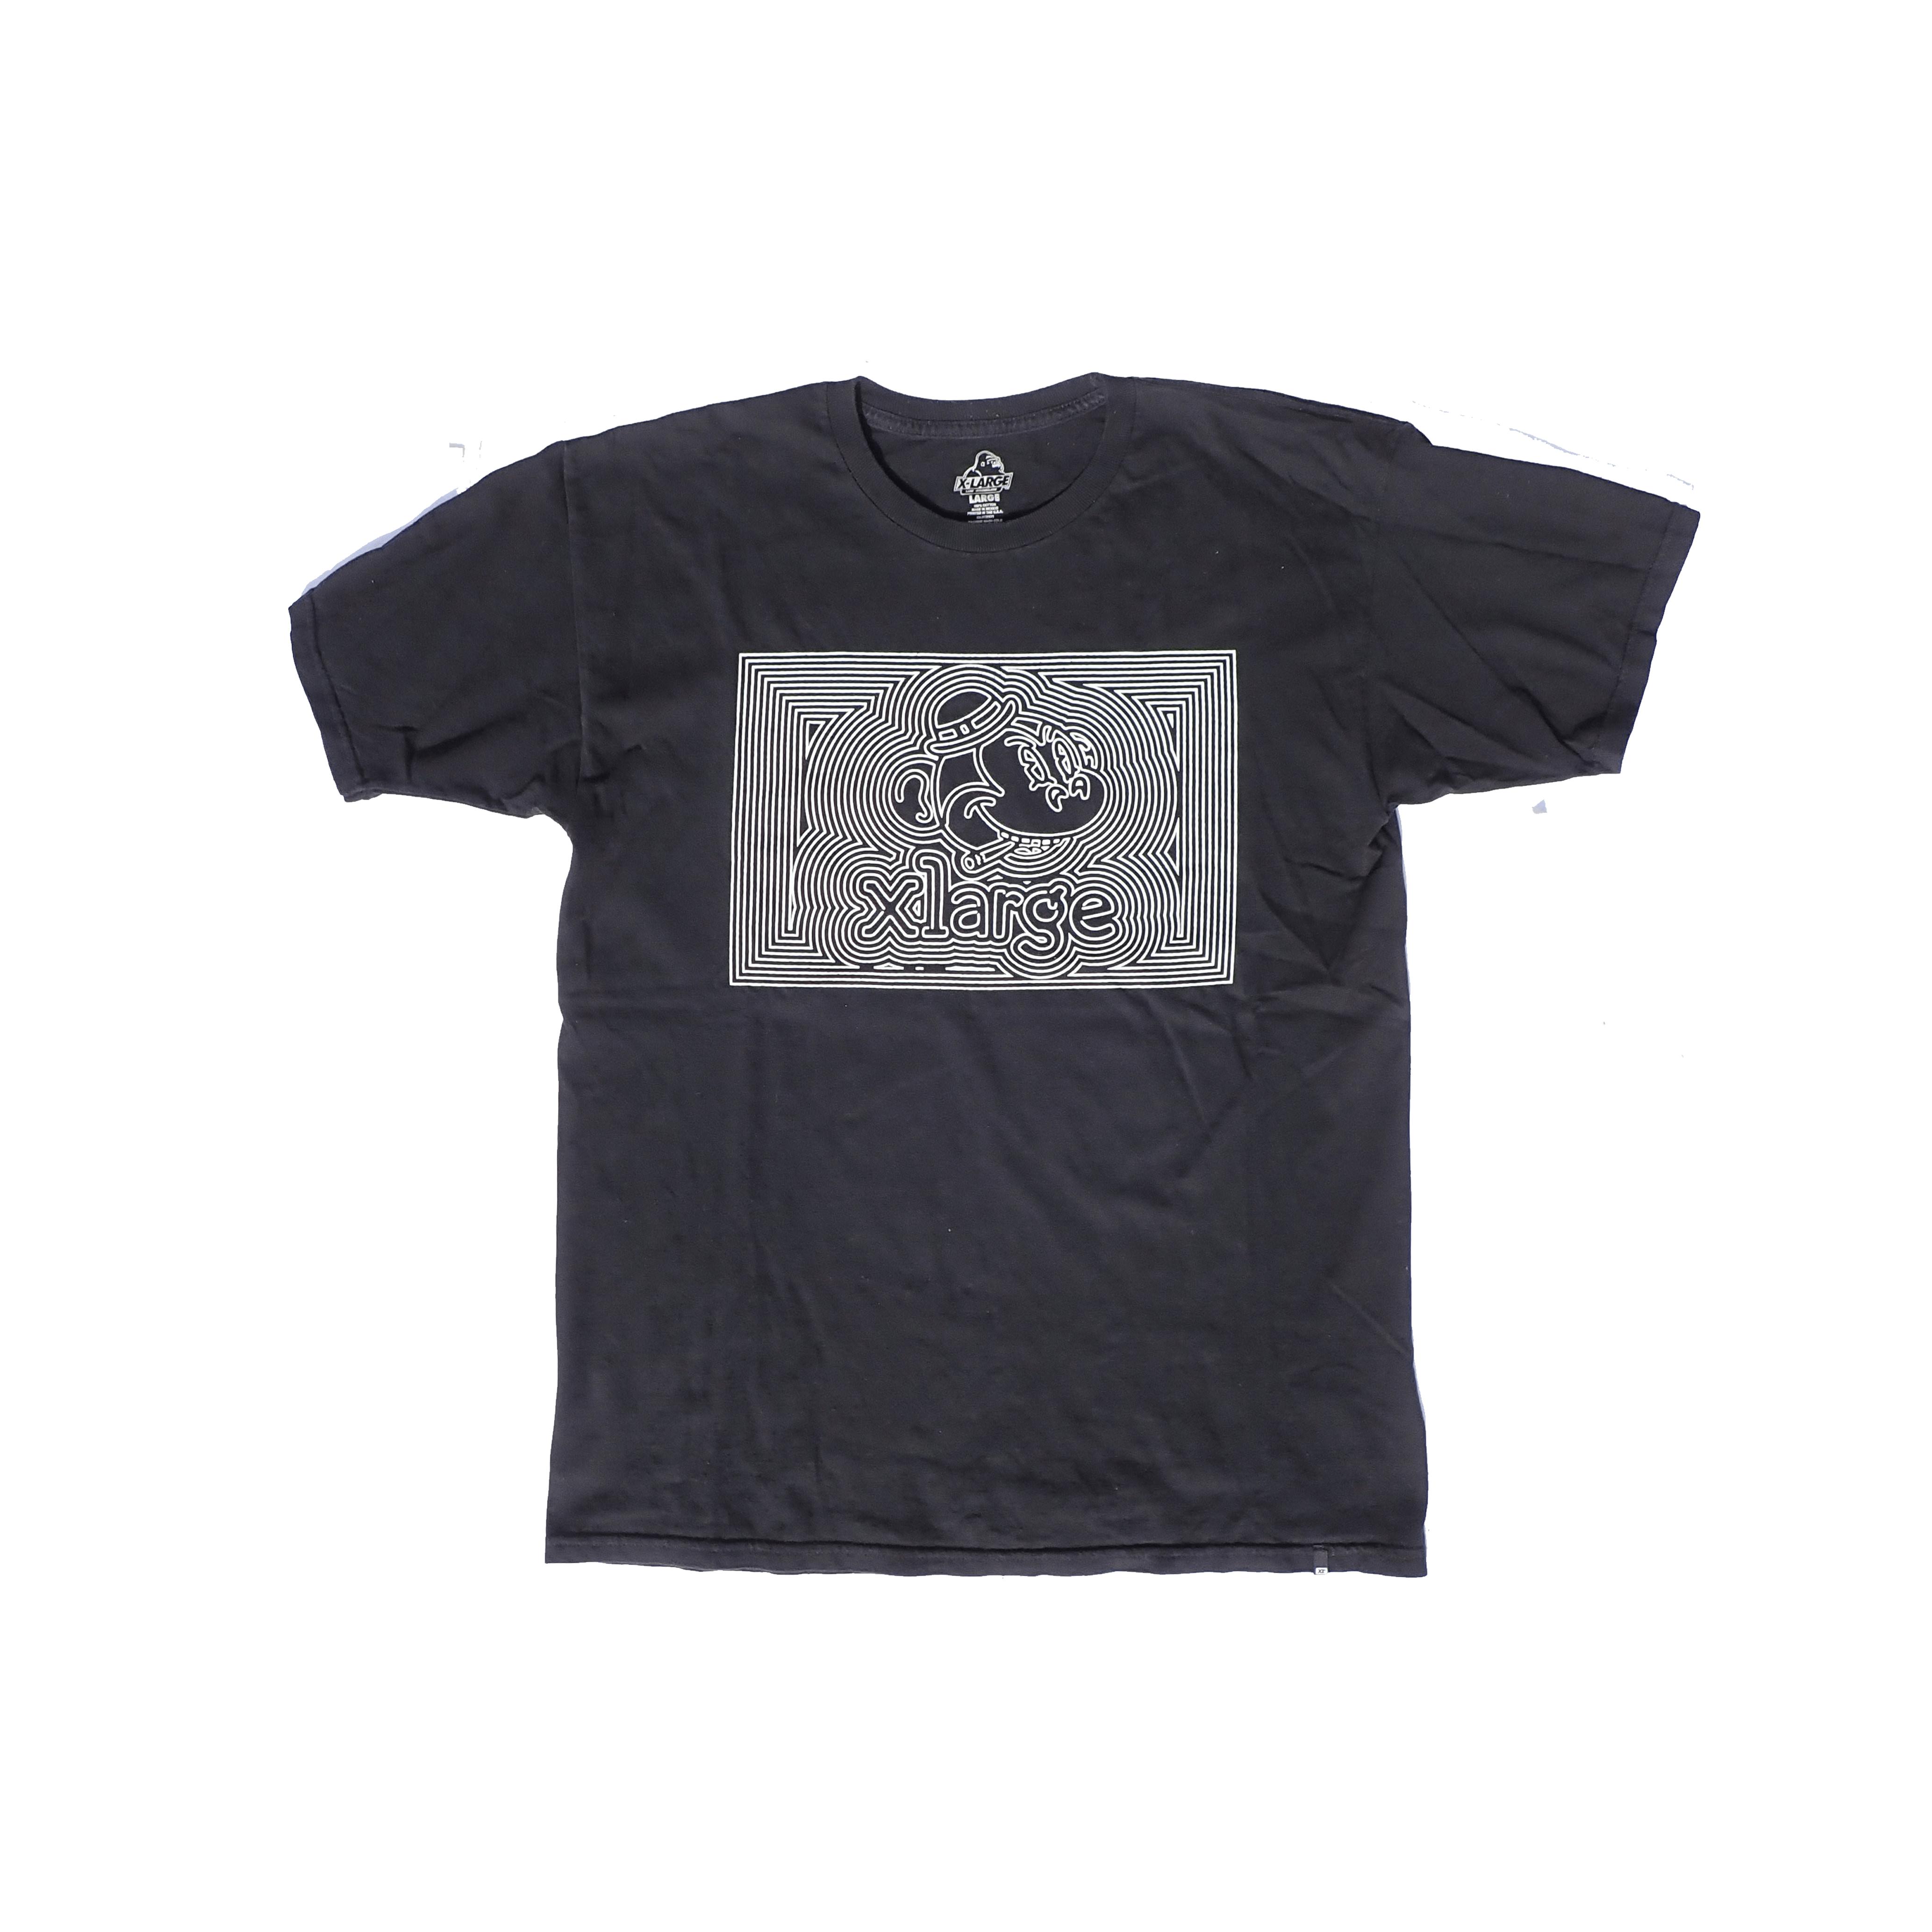 XLarge Lod Timey Logo Tshirt